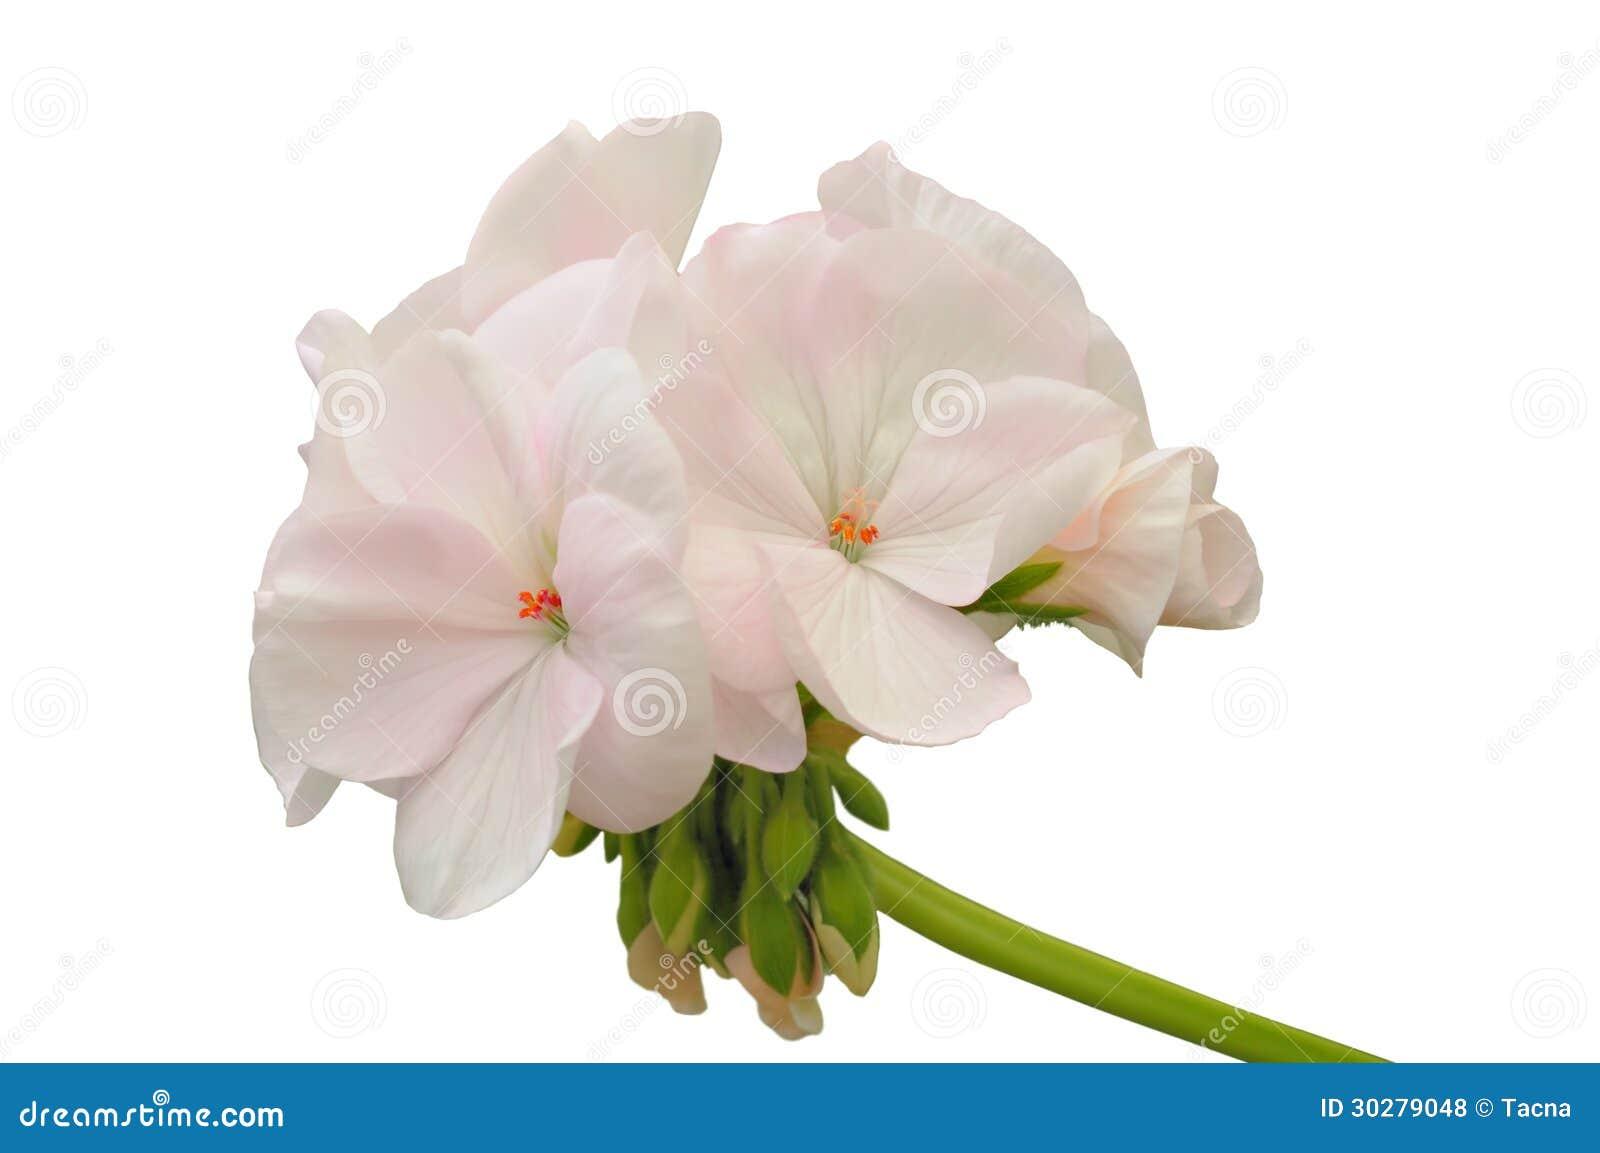 浅粉红色的大竺葵